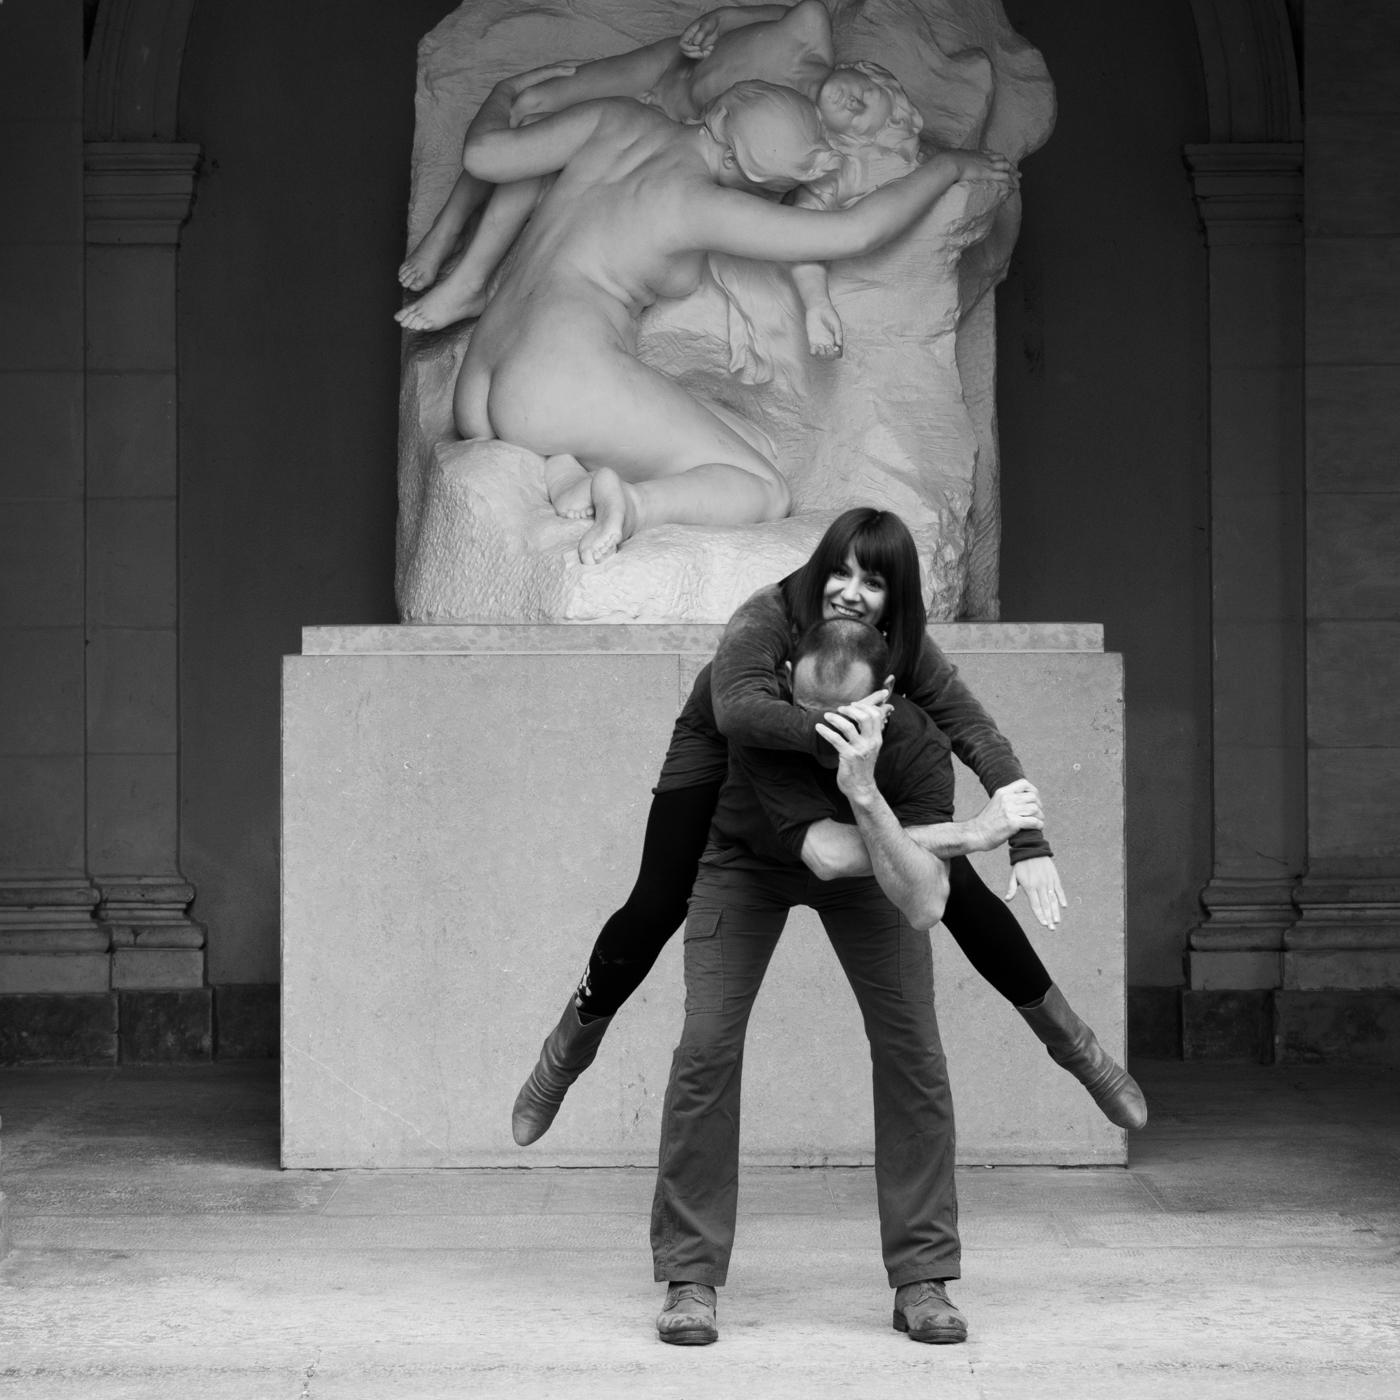 Musée_Lyon_2016_-_Autoportrait_aux_croisements_de_bras